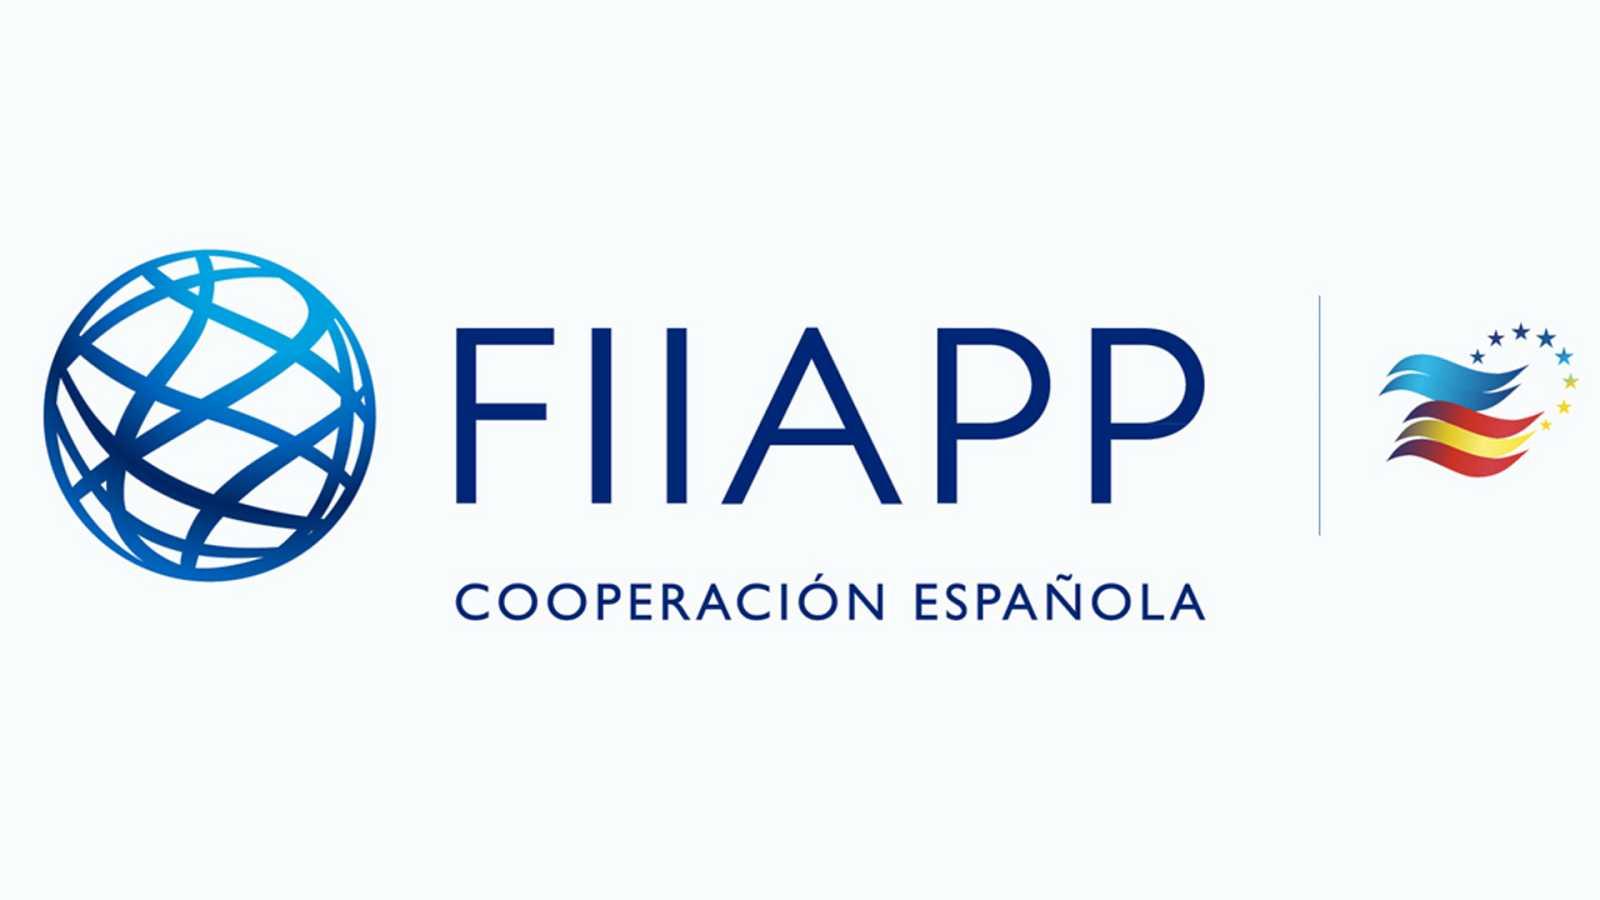 Cooperación pública en el mundo (FIIAPP) - La cooperación internacional durante la pandemia - 22/07/20 - escuchar ahora